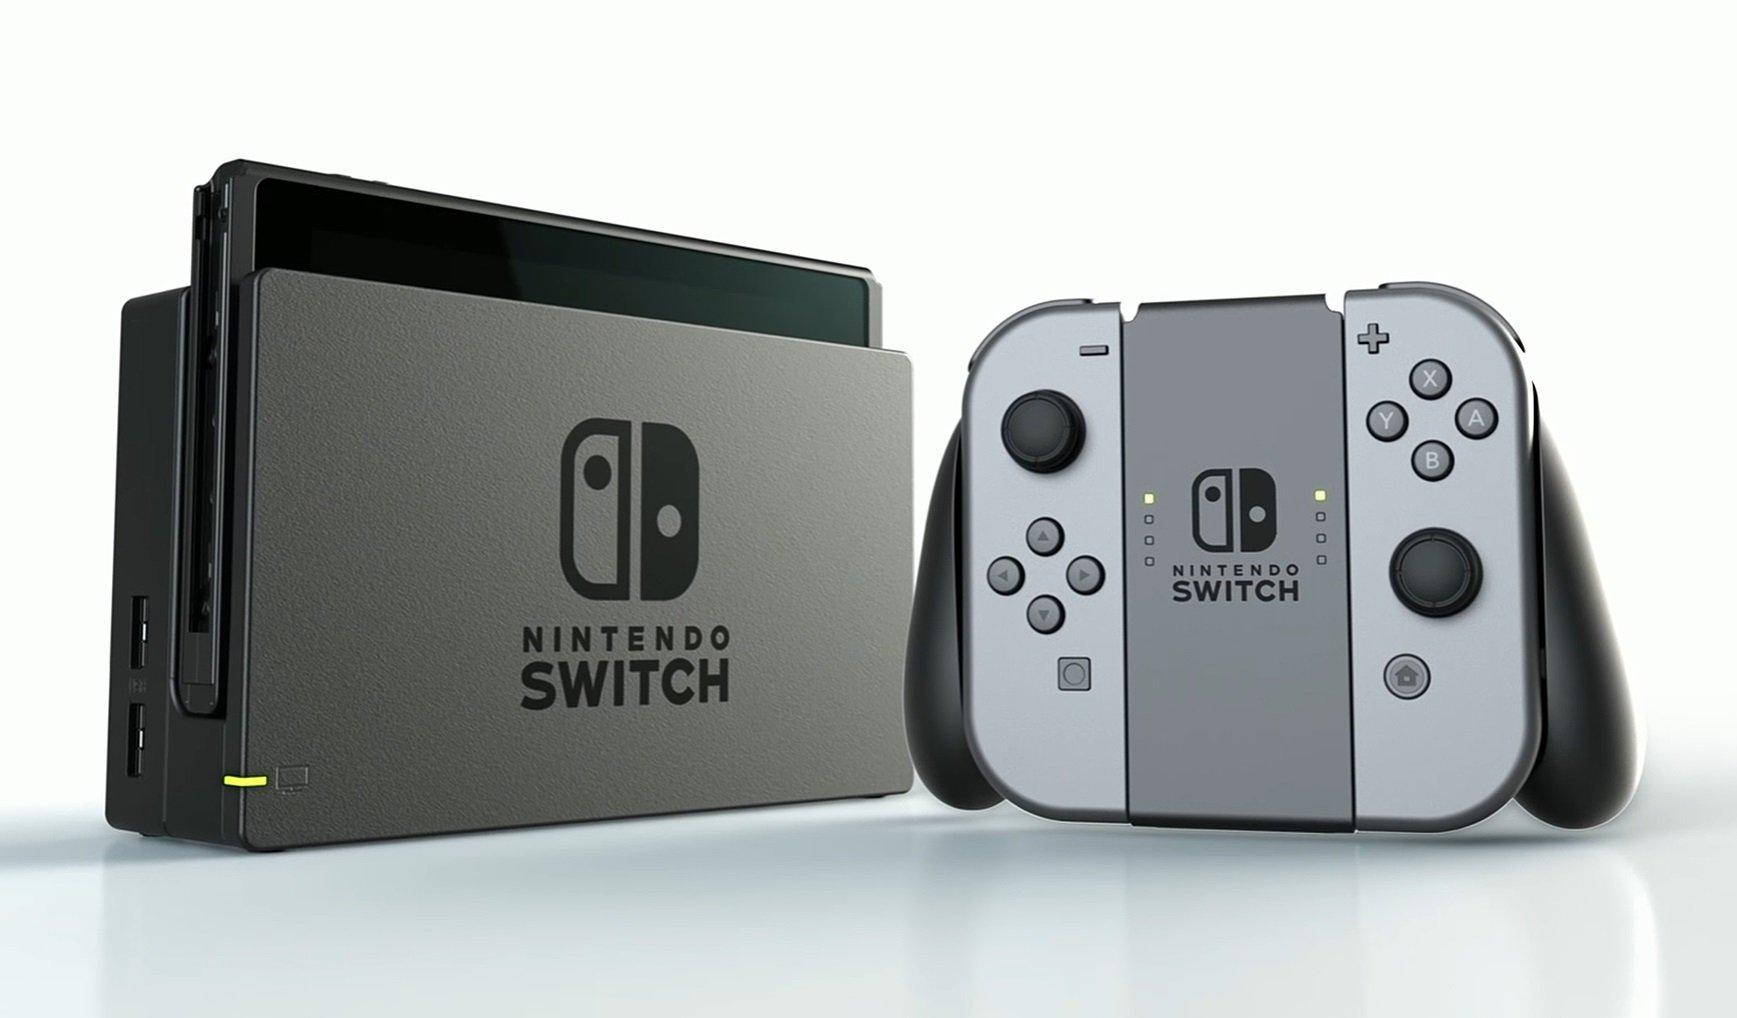 Vous pouvez maintenant accéder à votre bibliothèque numérique Switch sur d'autres consoles